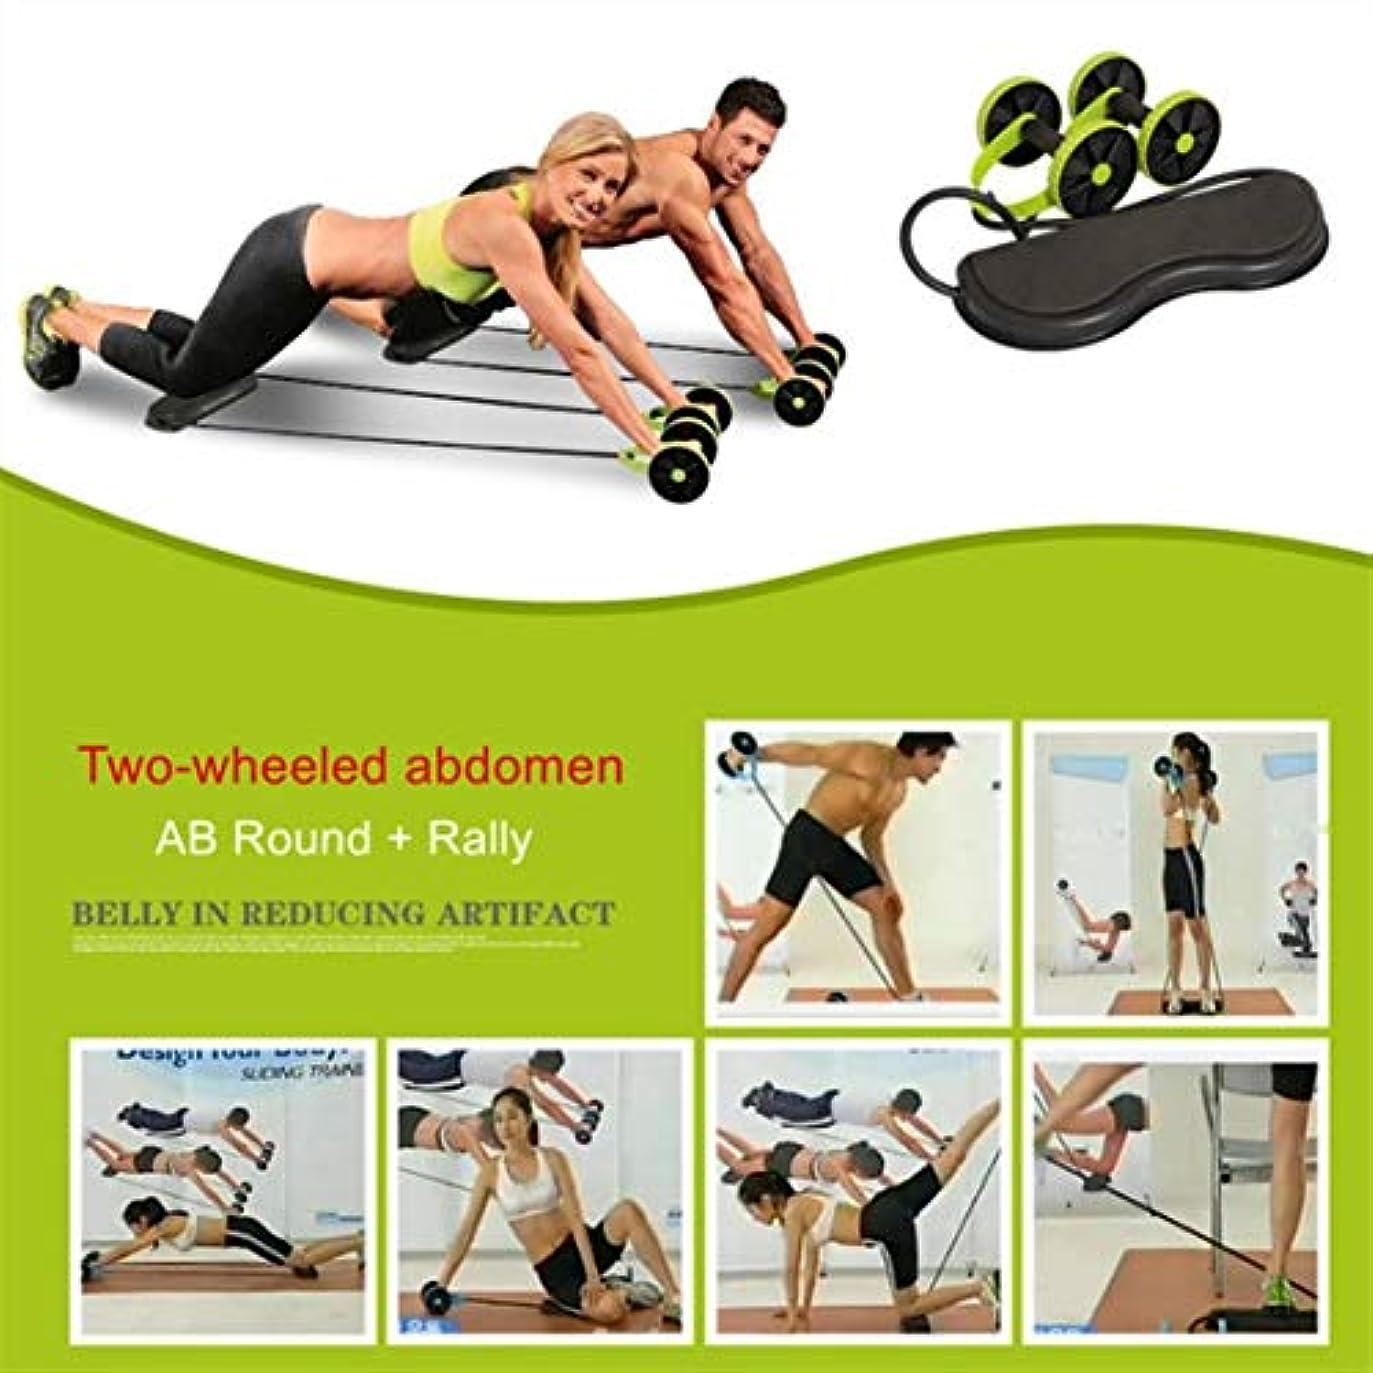 花役職わかるJS-04多機能腹輪腹筋輪腹輪テンションロープ筋肉トレーニングマシン